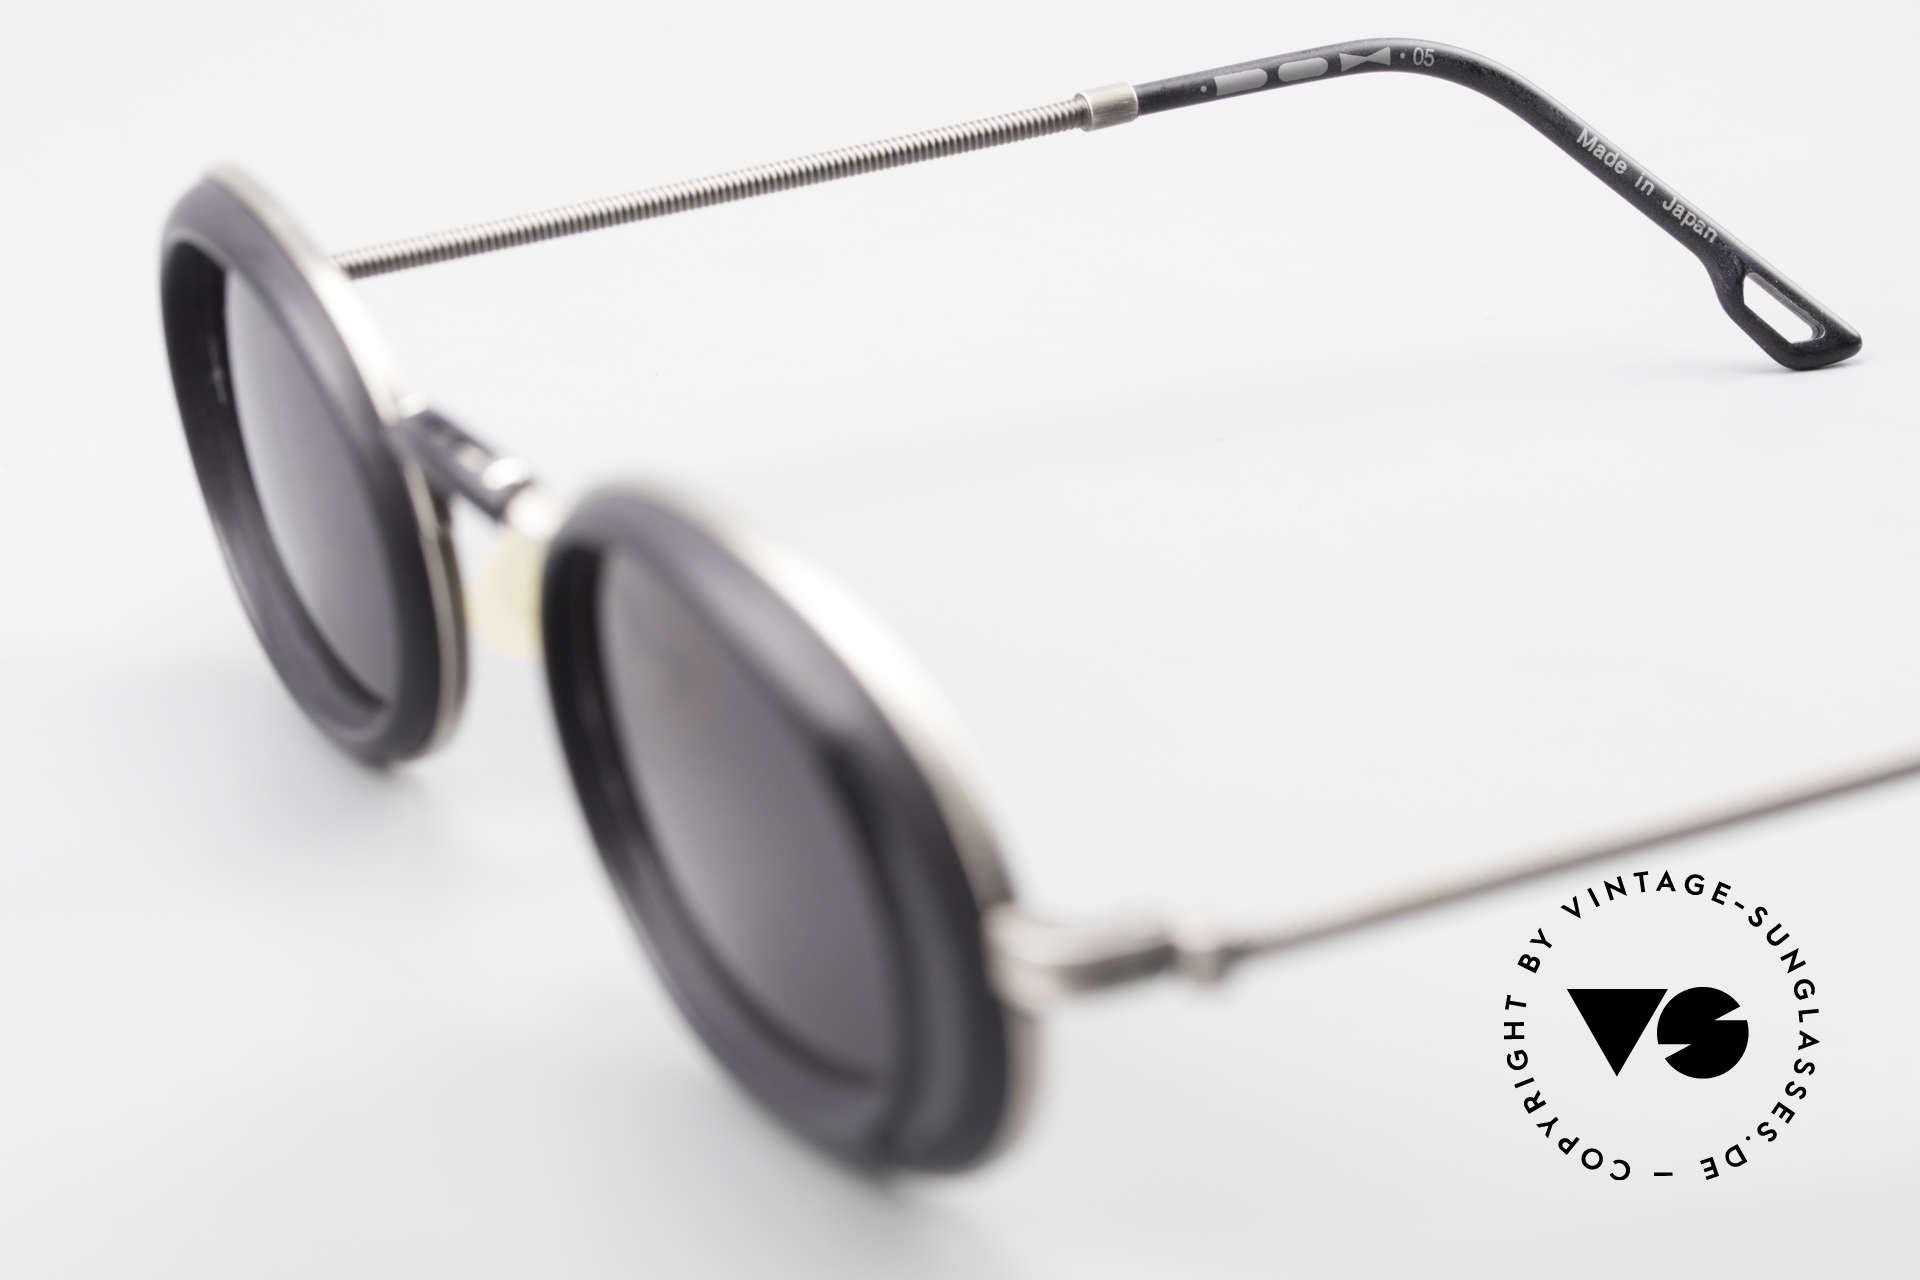 DOX 05 ATS Industrial Brille Gaultier Stil, Größe: medium, Passend für Herren und Damen